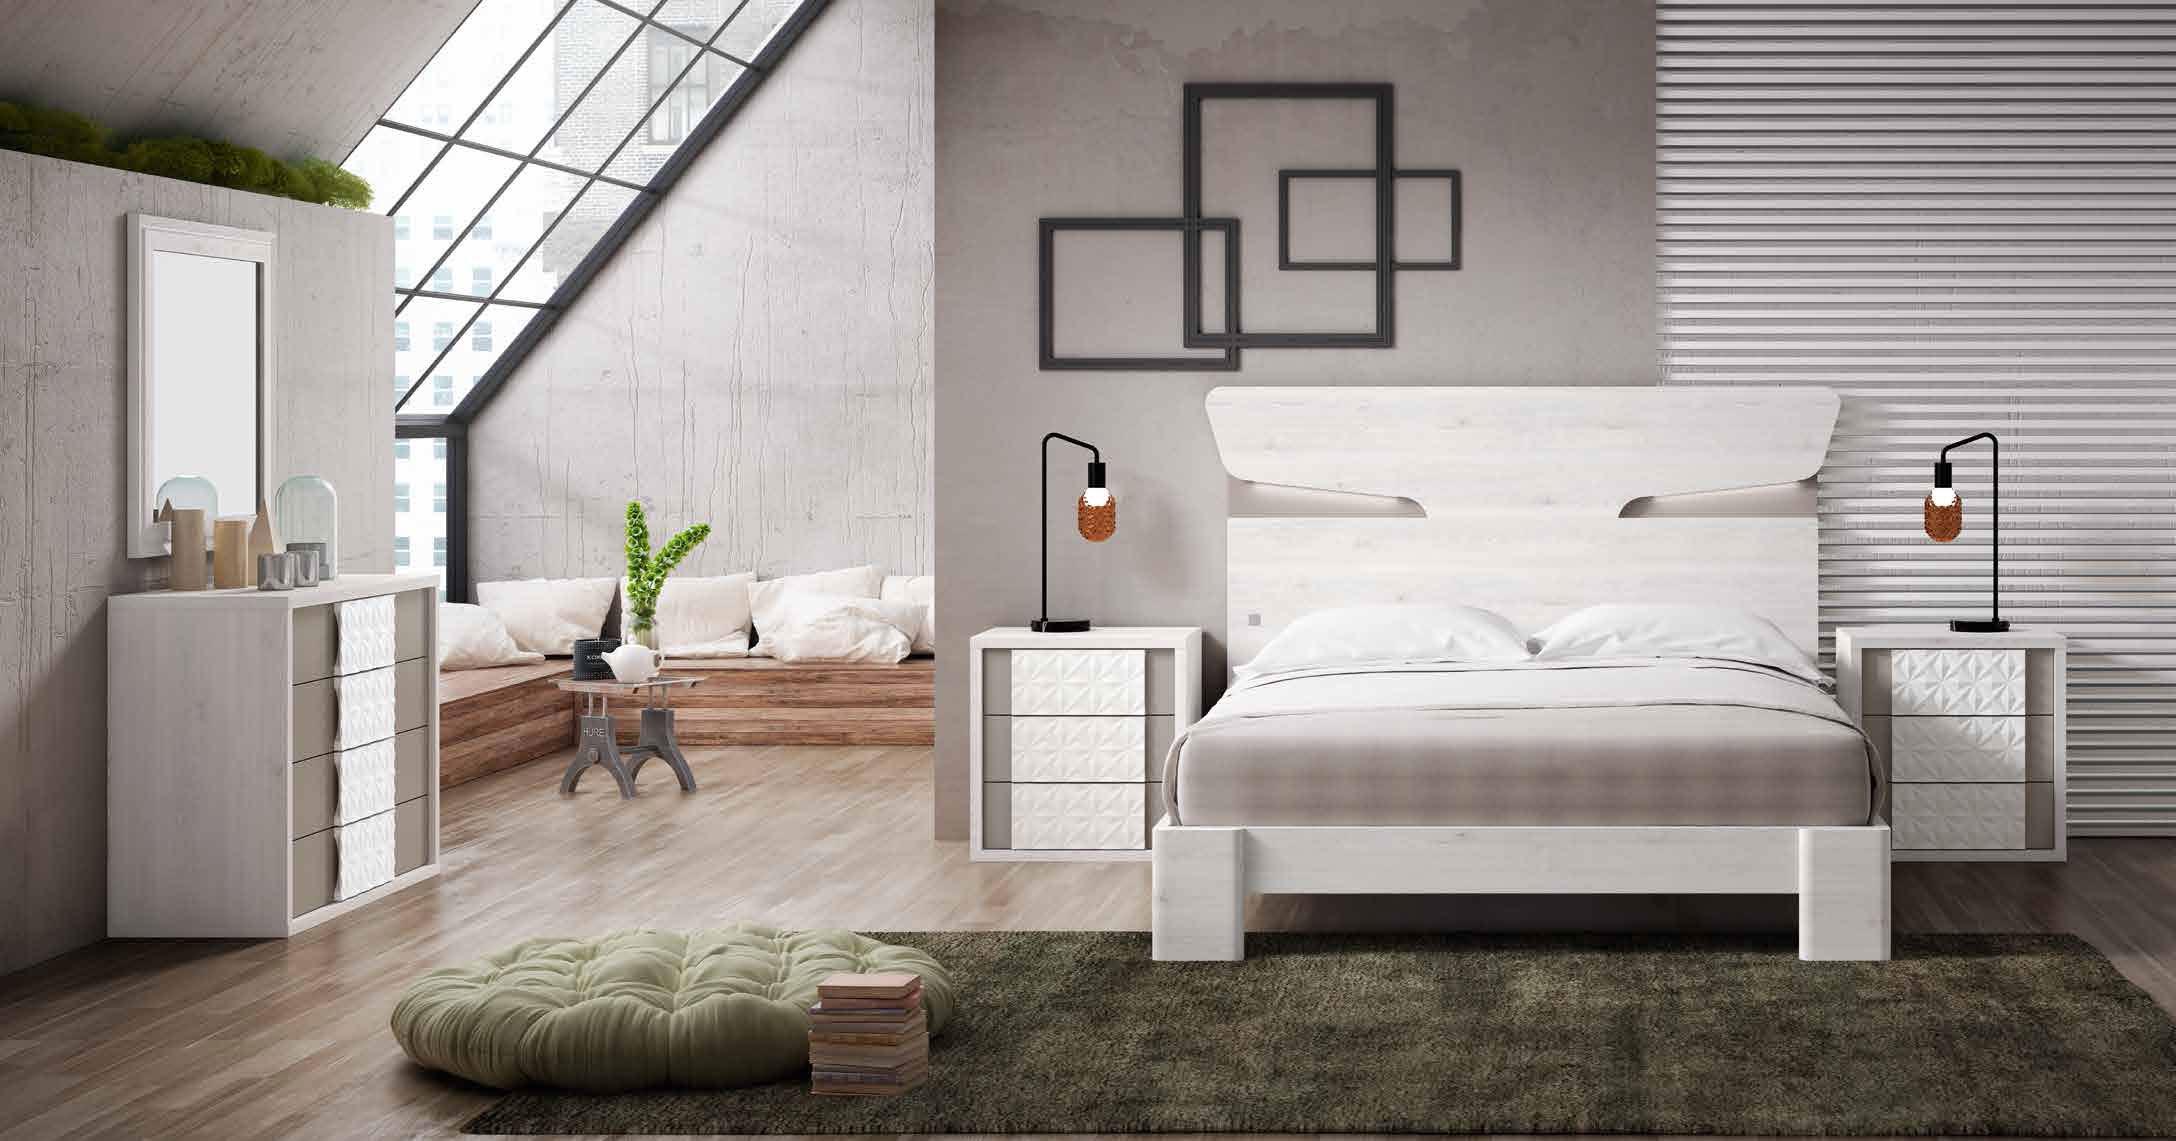 creta-dormitorio-trikala-04